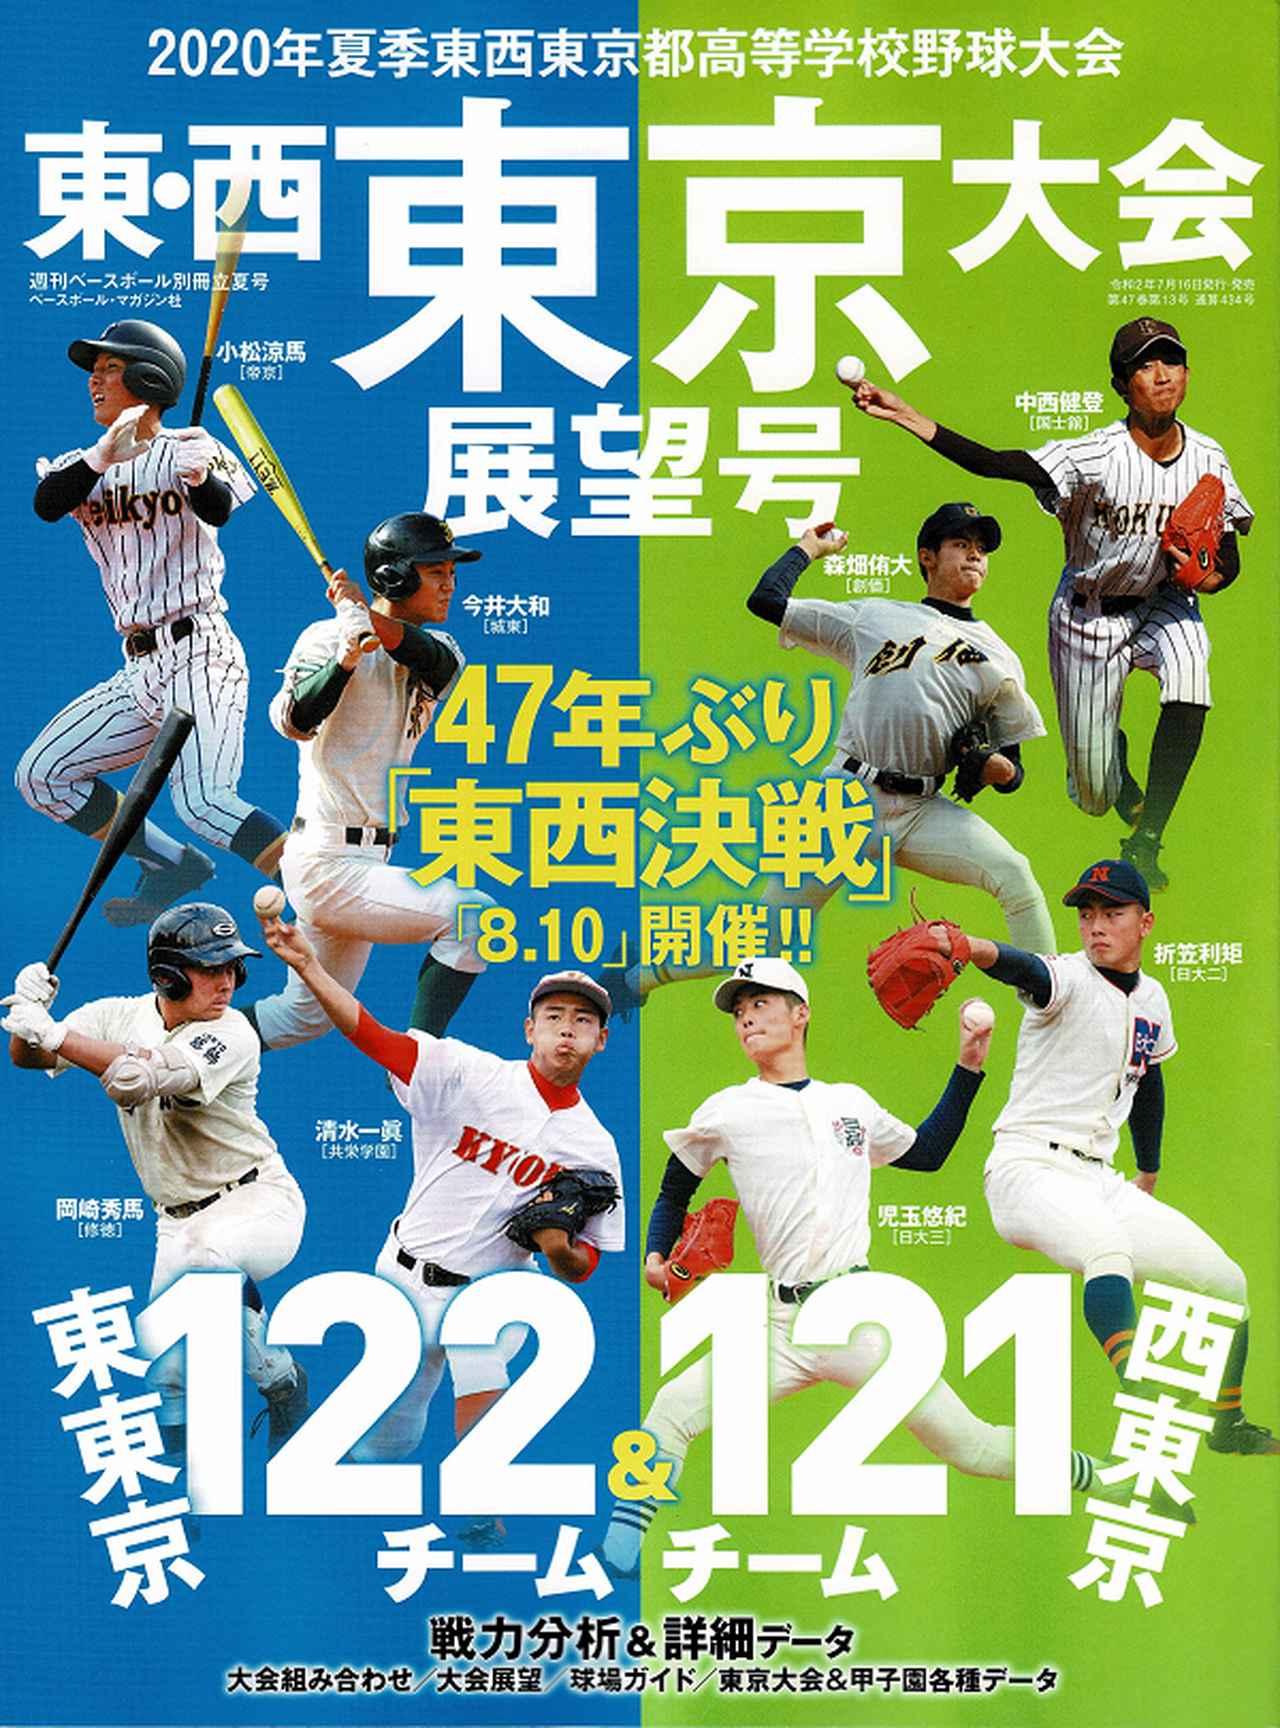 野球 西 東京 トーナメント 高校 2019夏の甲子園西・東京都予選の試合結果速報!組み合わせトーナメント表一覧